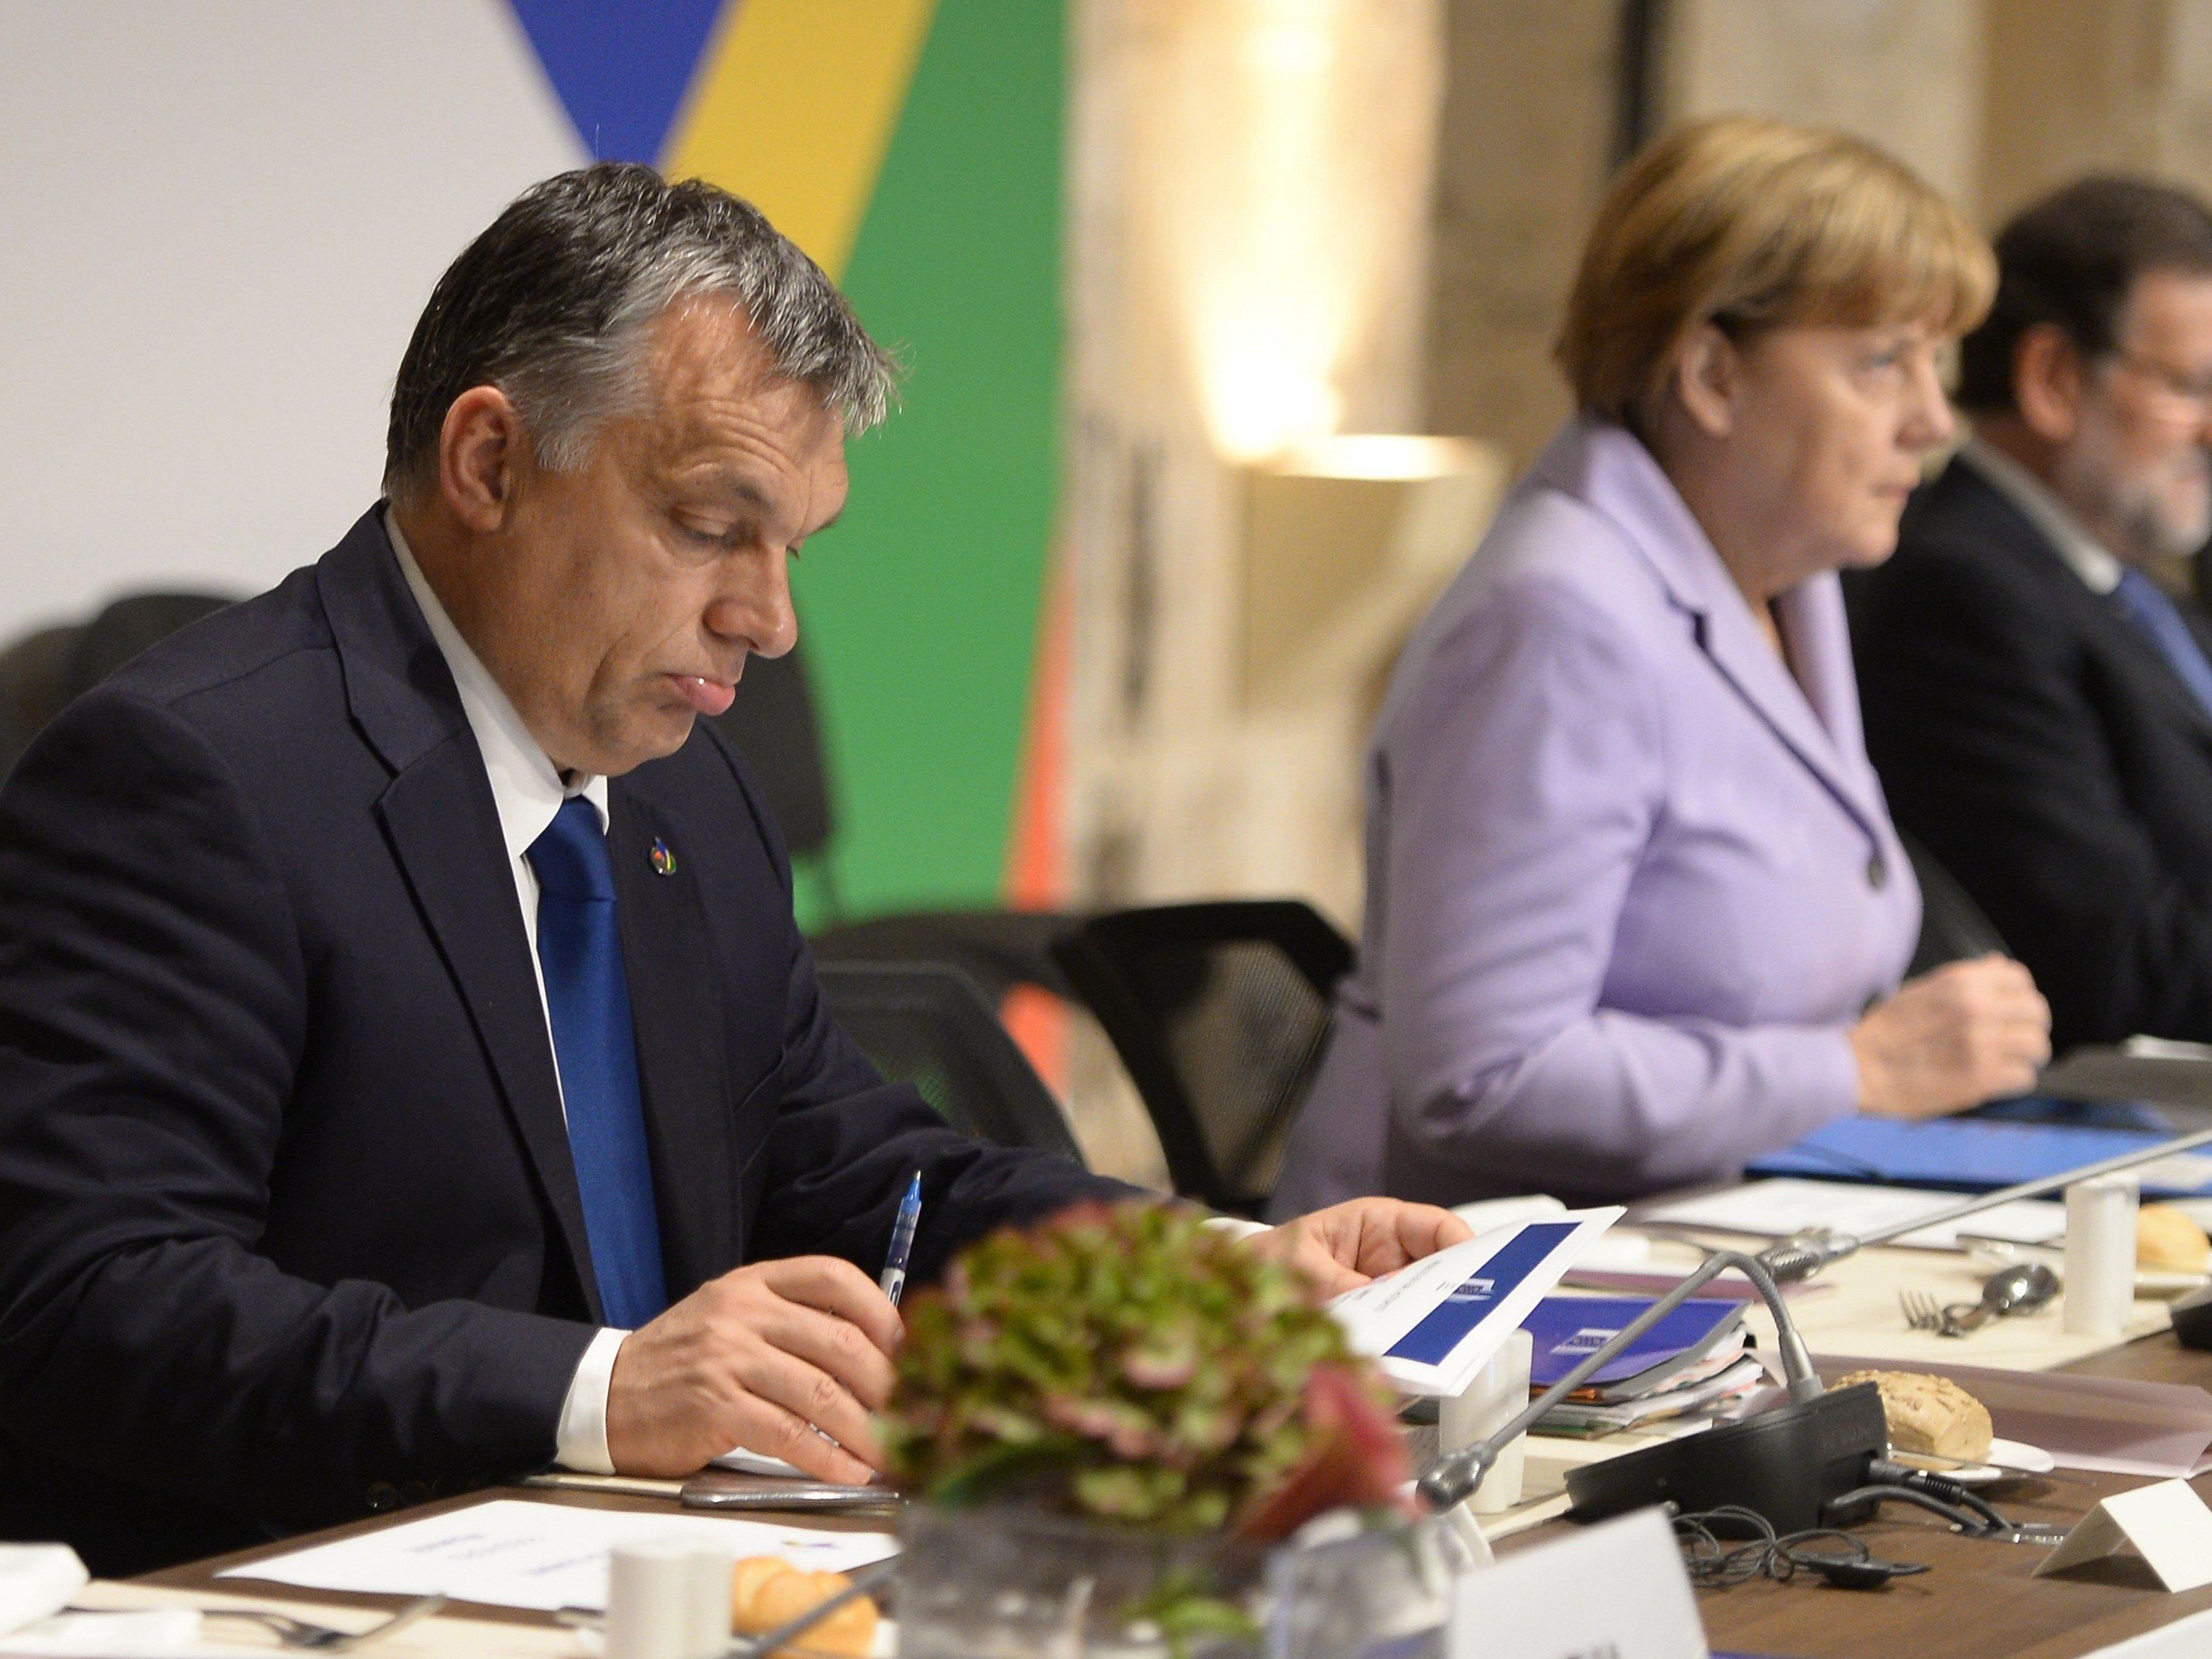 Orban berichtet von geheimen Plänen, nach denen eine halbe Million Syrer in der EU verteilt werden sollen.